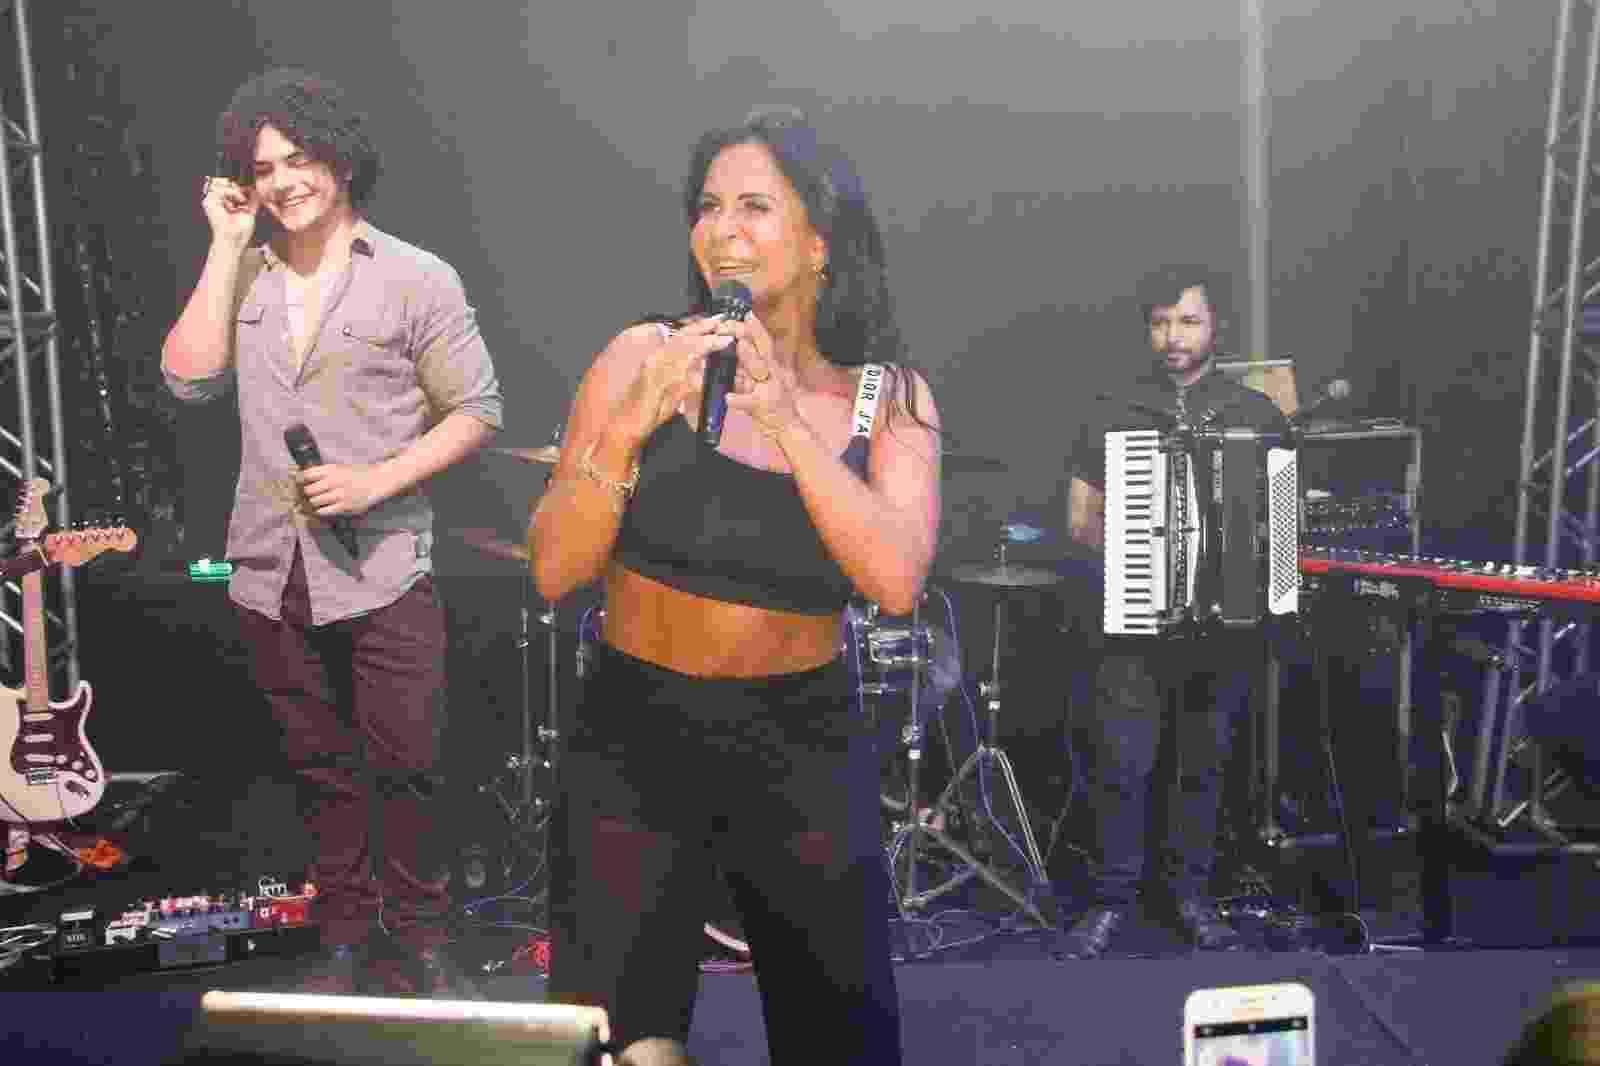 De barriga de fora, Gretchen canta na festa do canal Na Lata, de Antonia Fontenelle, no Alto da Boa Vista, zona norte do Rio - Marcos Ferreira/Brazil News